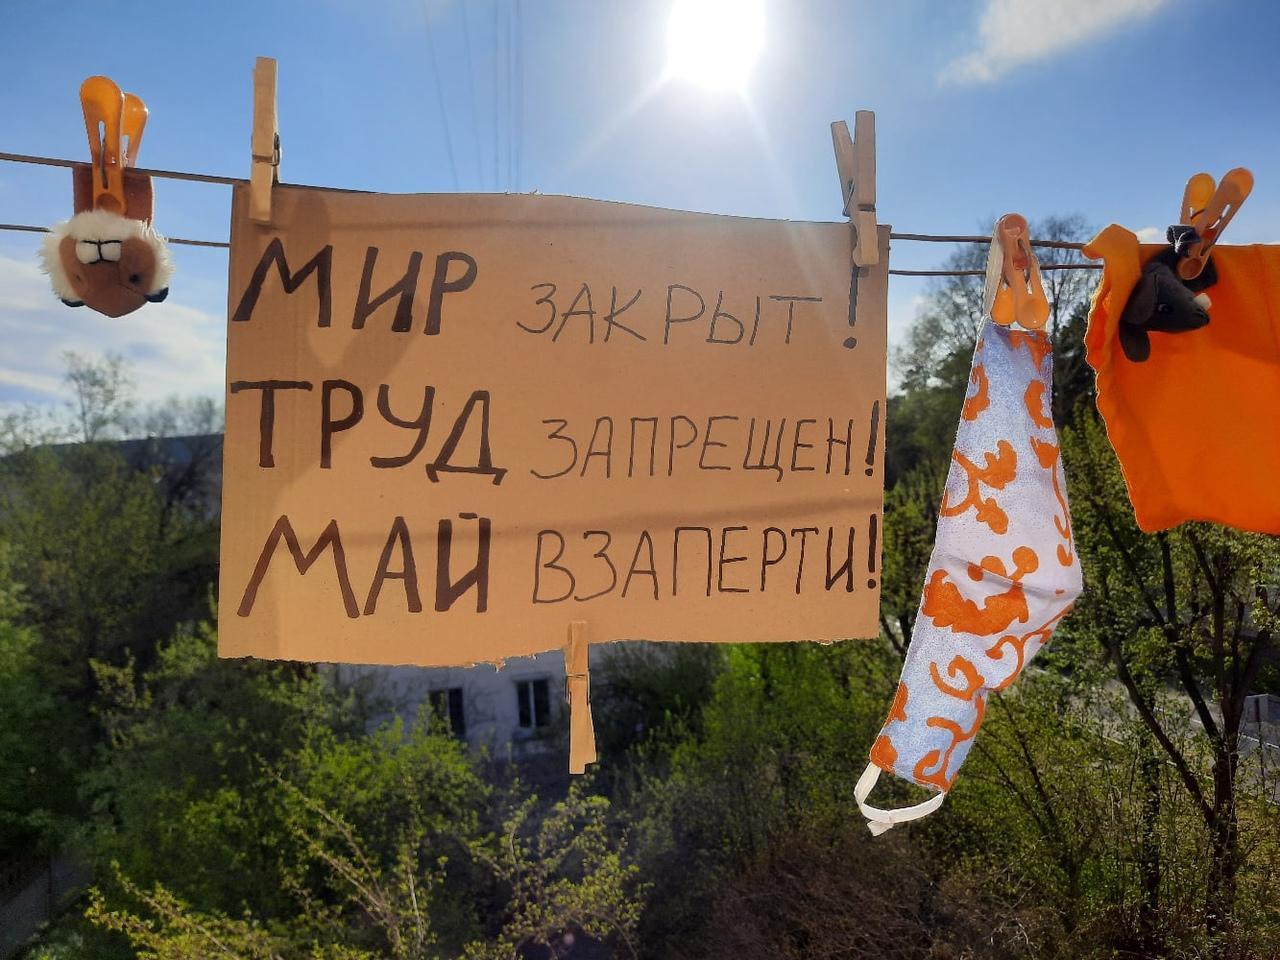 фото «Монстрация» в соцсетях: что публикуют жители Новосибирска 1 мая 2021 года после запрета выходить на улицу 3